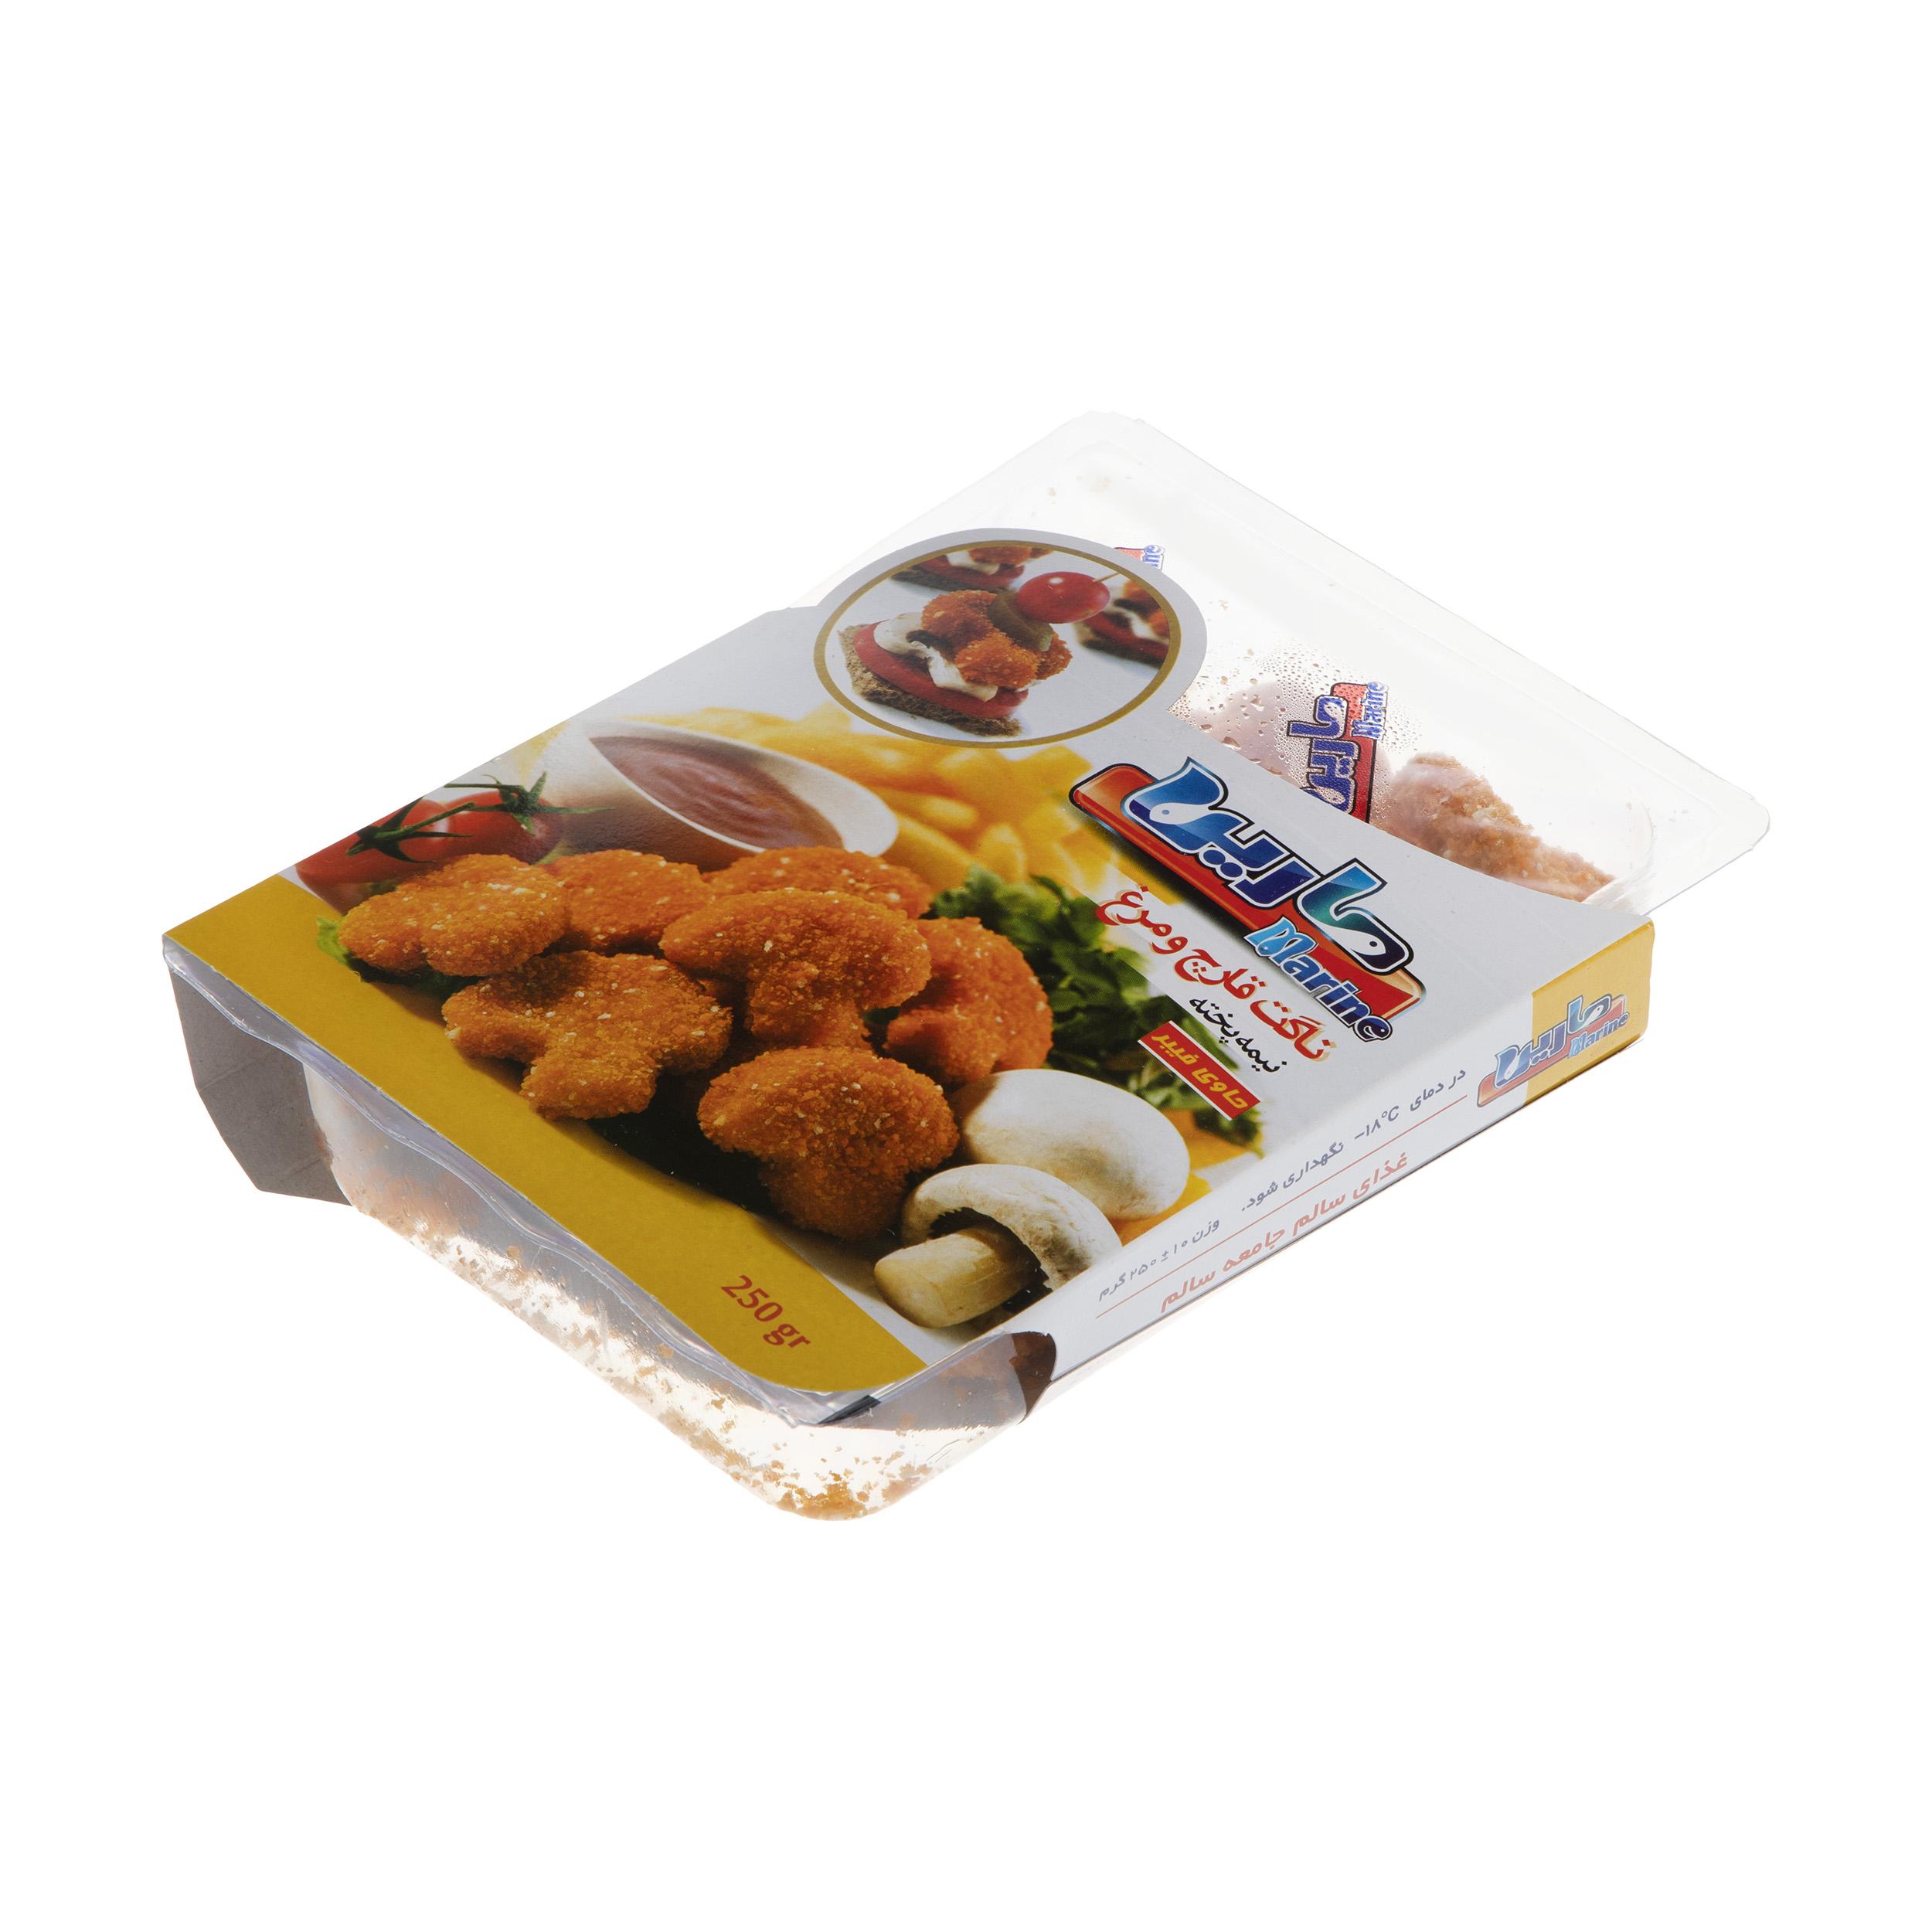 ناگت قارچ و مرغ مارین مقدار 250 گرم